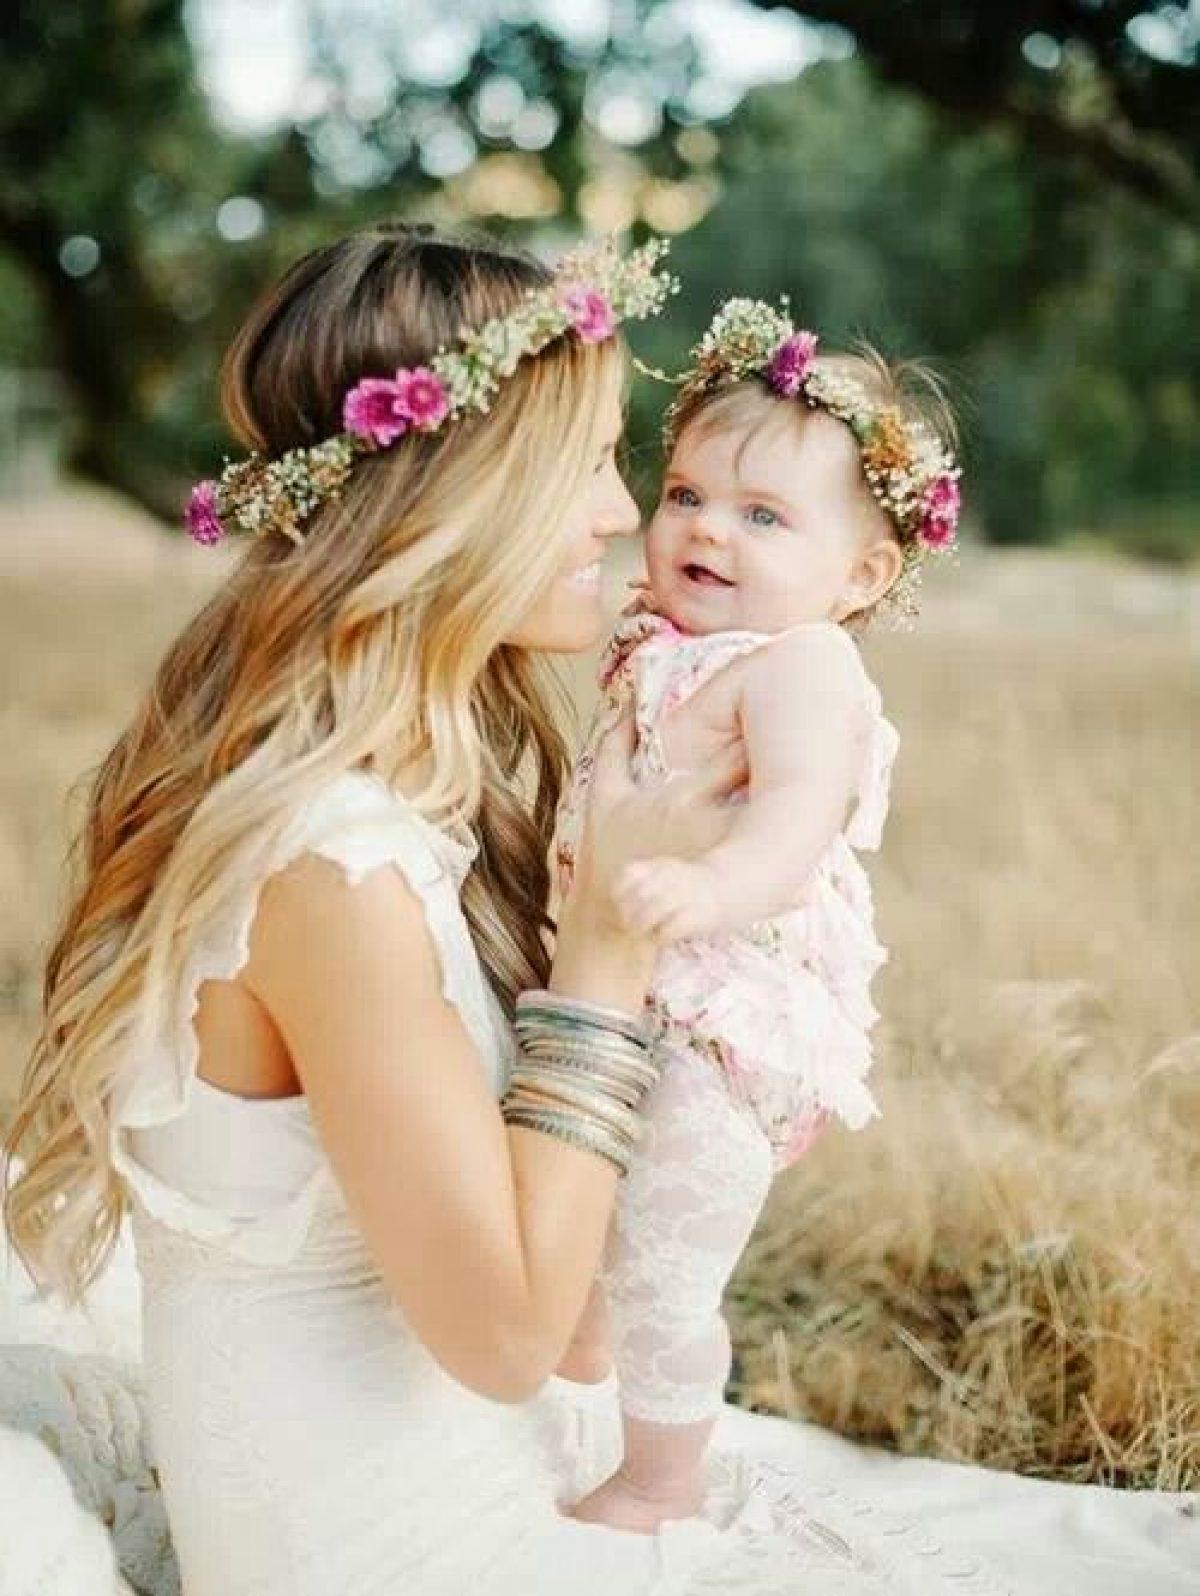 Δε θυμάμαι τον γάμο μου αλλά κατάφερα να κρατήσω το μωρό μου!